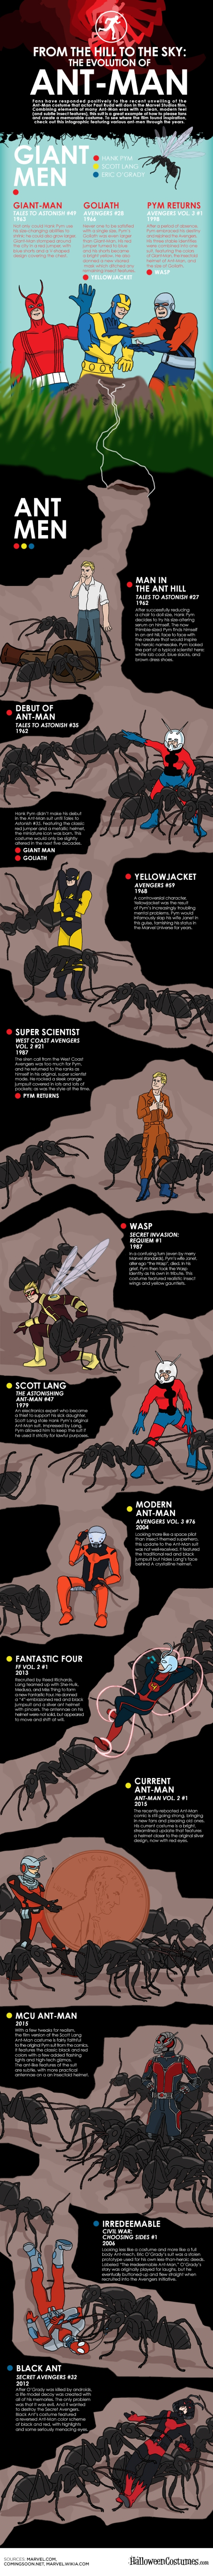 Antman Infographic 01